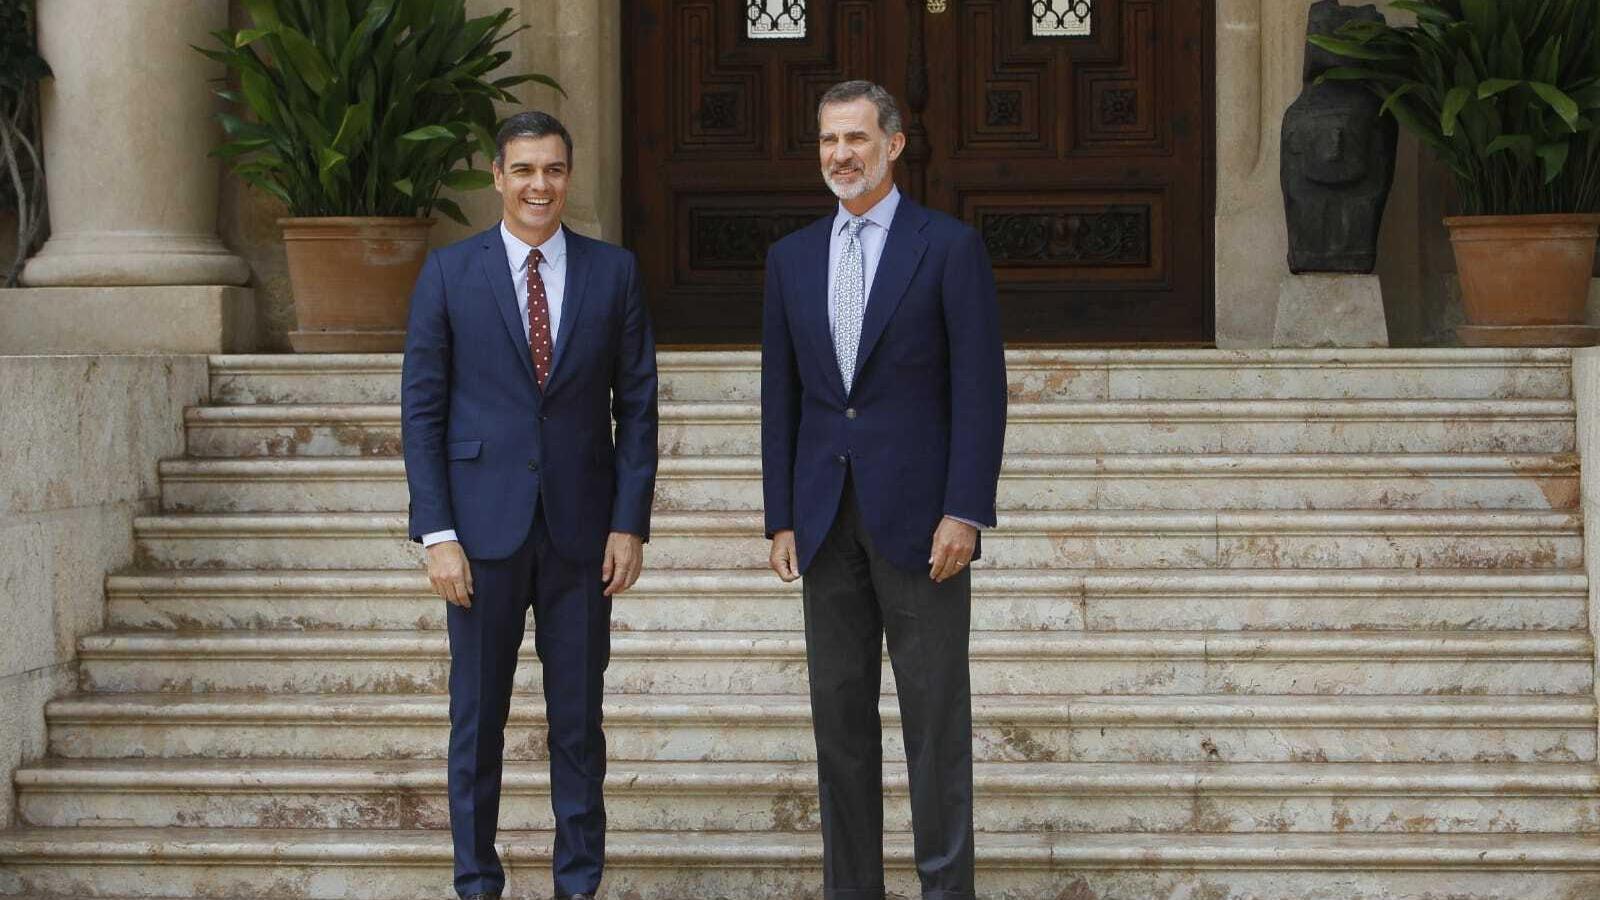 Pedro Sánchez i Felip VI abans de reunir-se en el Palau de Marivent.